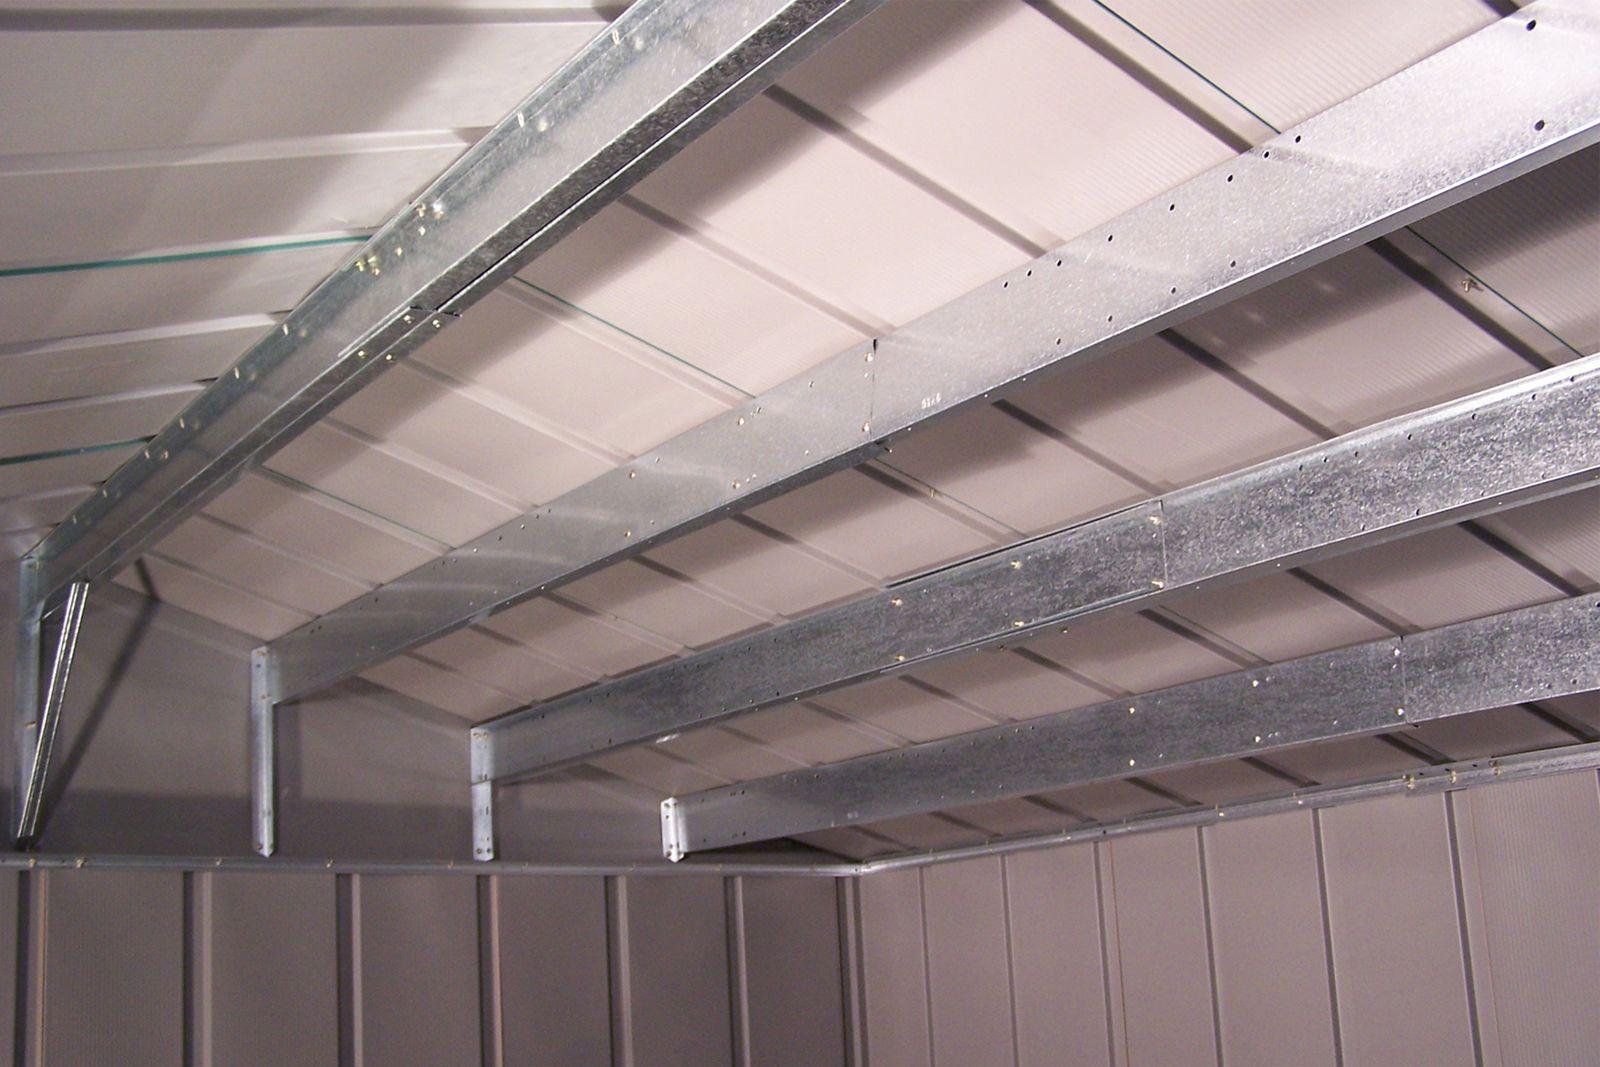 Roof strengthening kit background